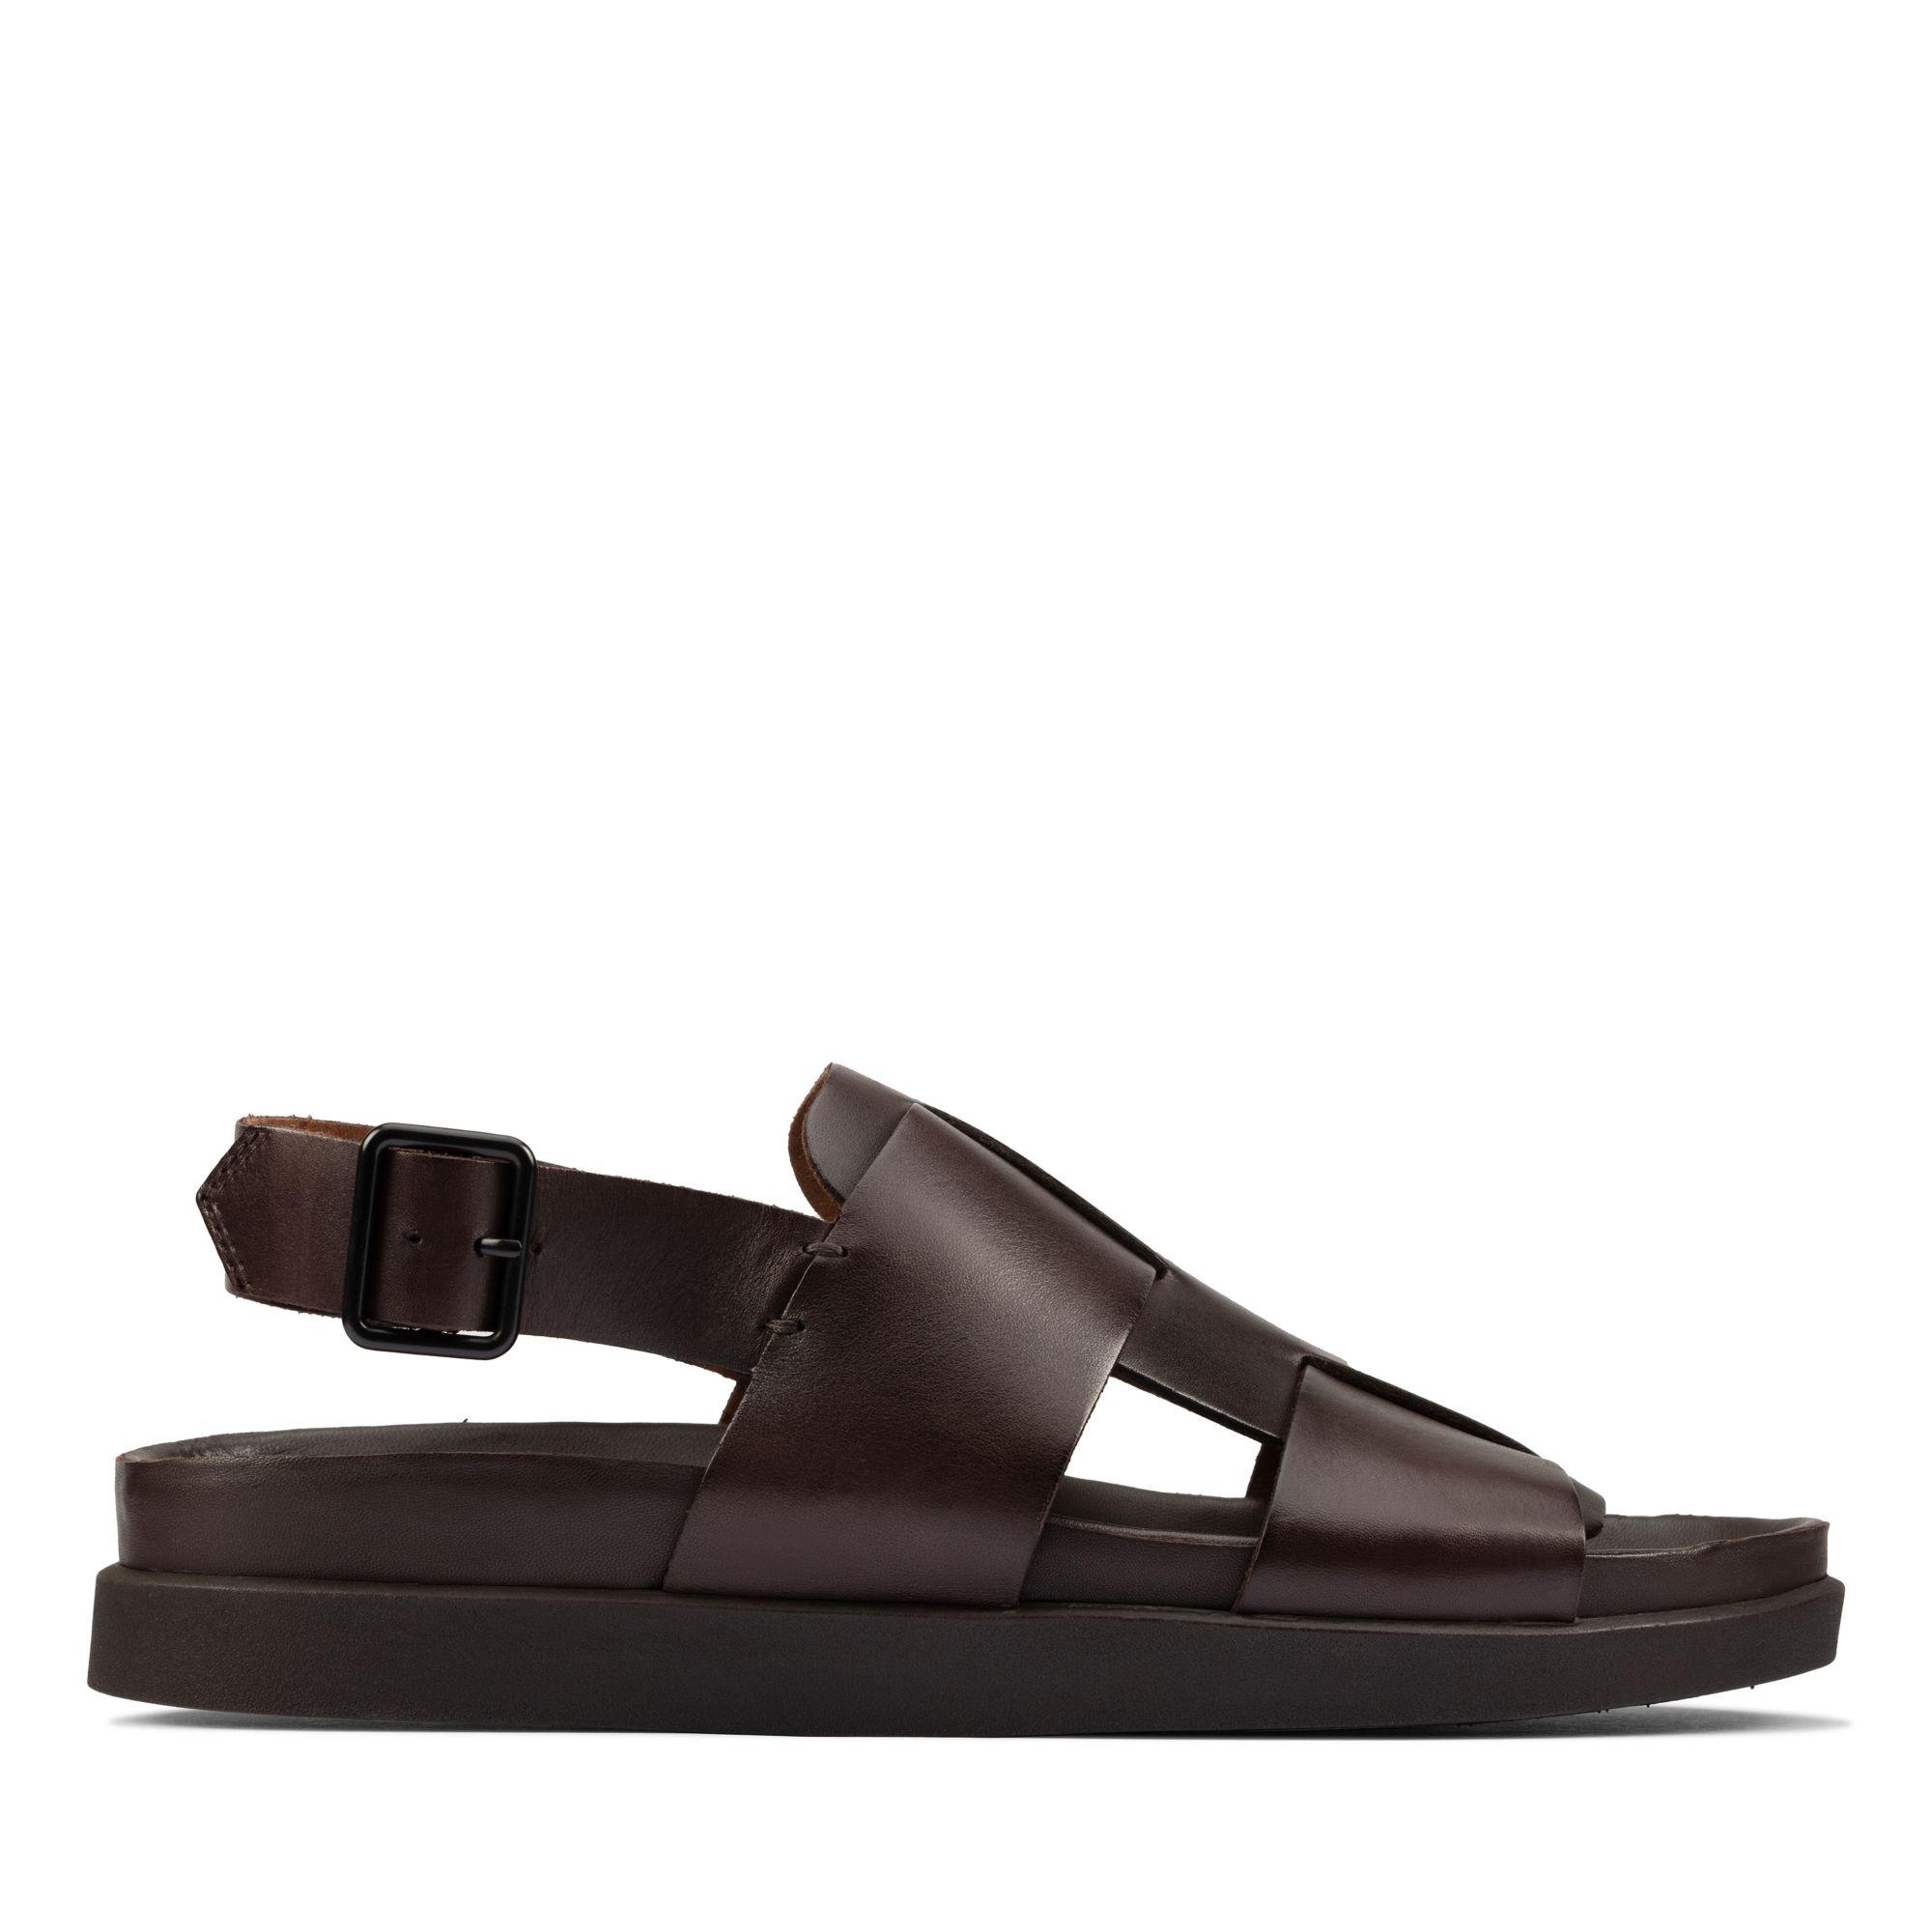 Clarks 夏日街頭-Sunder Strap輕量型休閒風扣環設計涼鞋(深棕色)